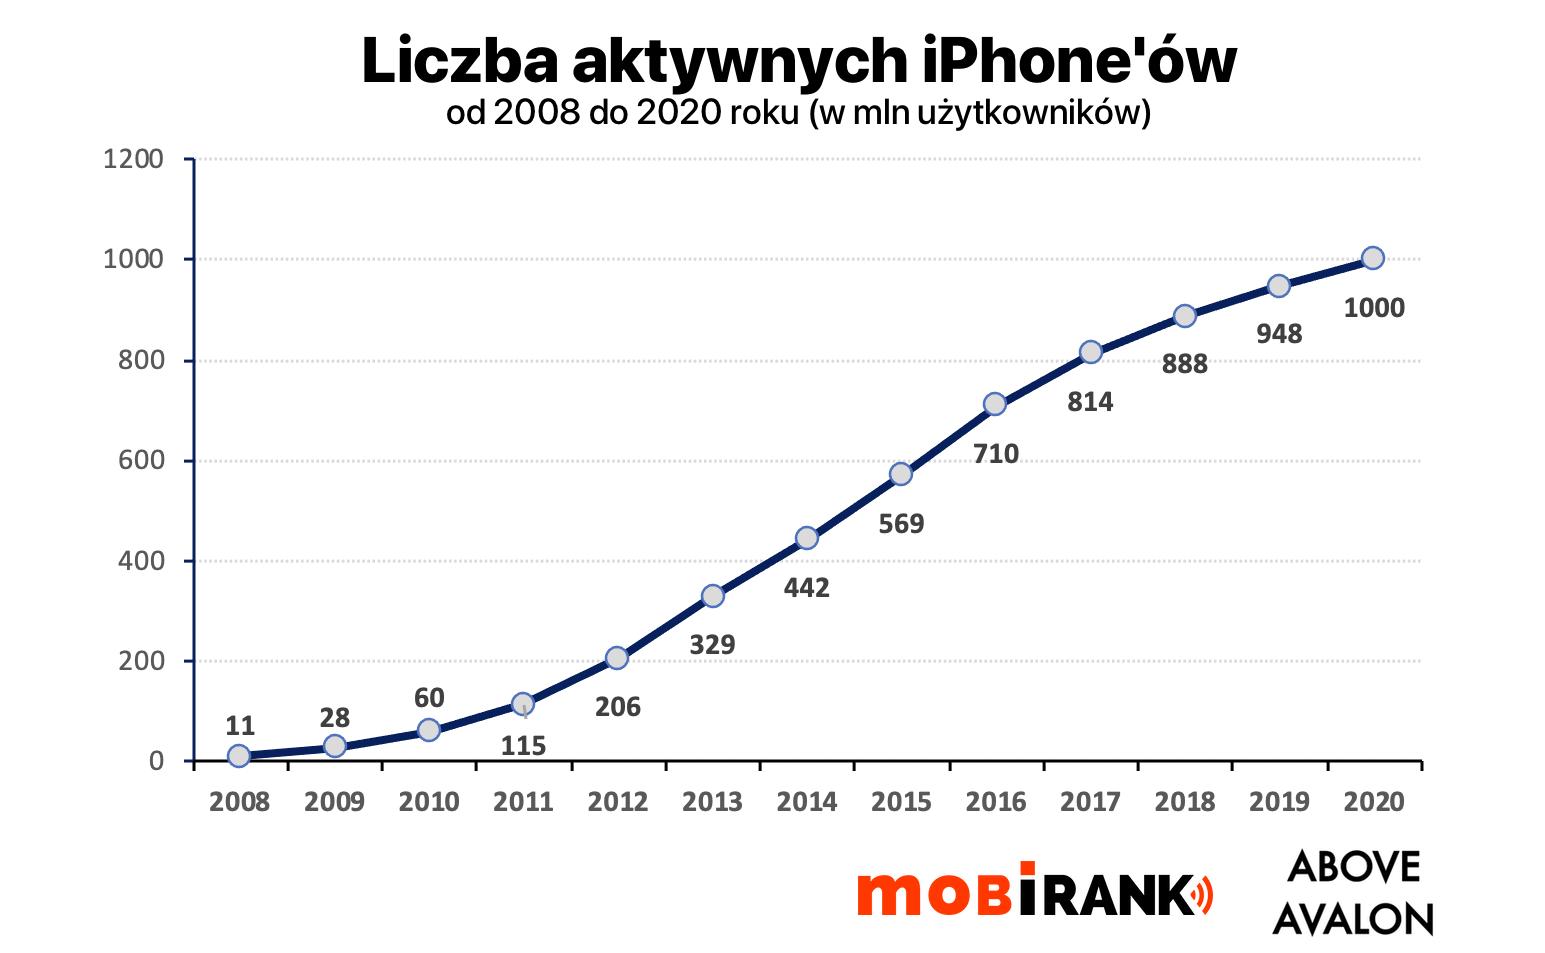 Liczba aktywnych iPhone'ów (2008-2020)'